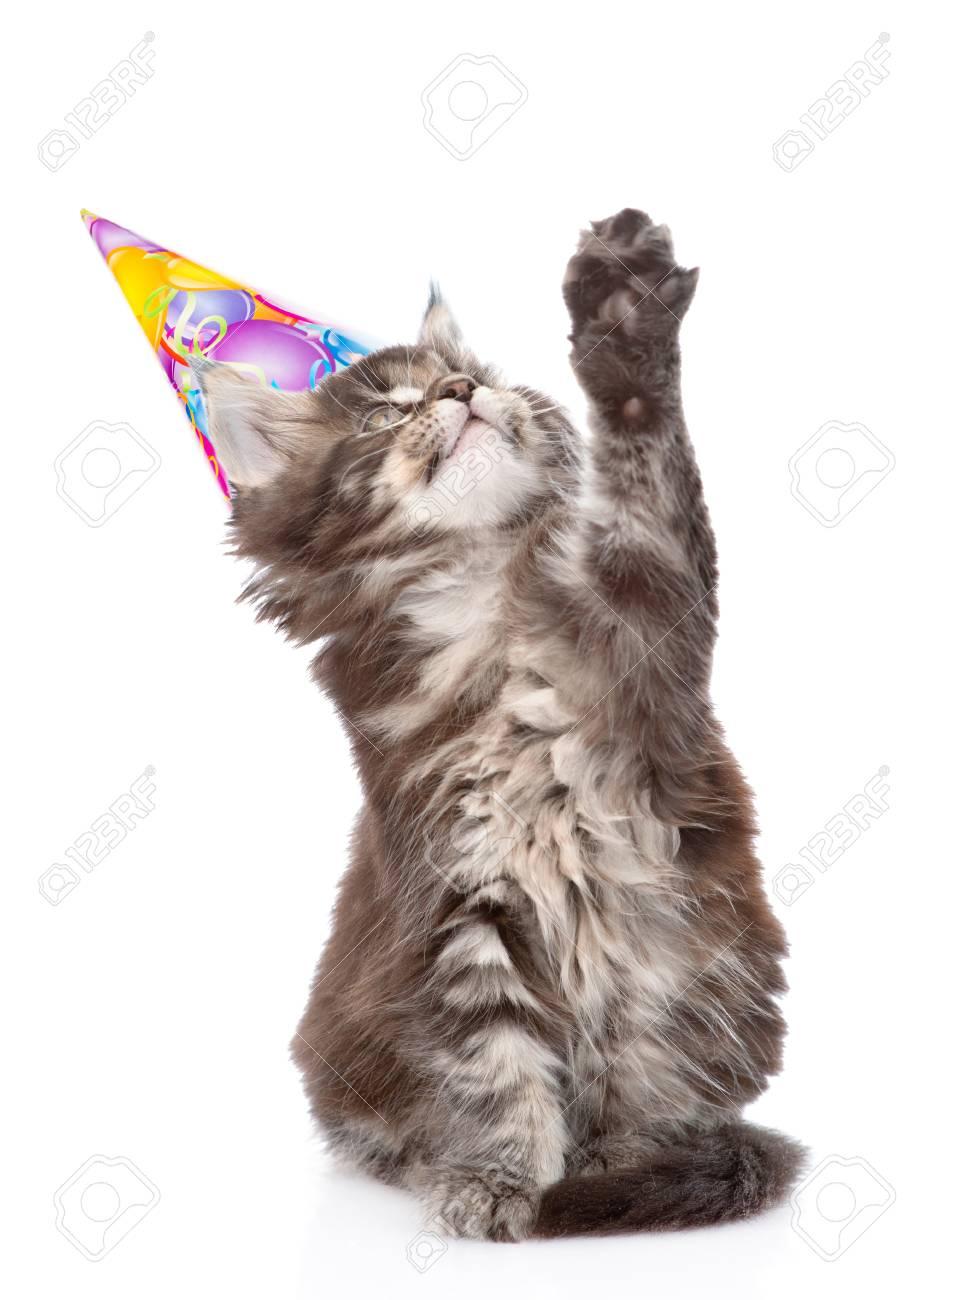 Vaak Speelse Kat Met Een Verjaardag Hoed Op Te Zoeken. Geïsoleerd Op &OA11